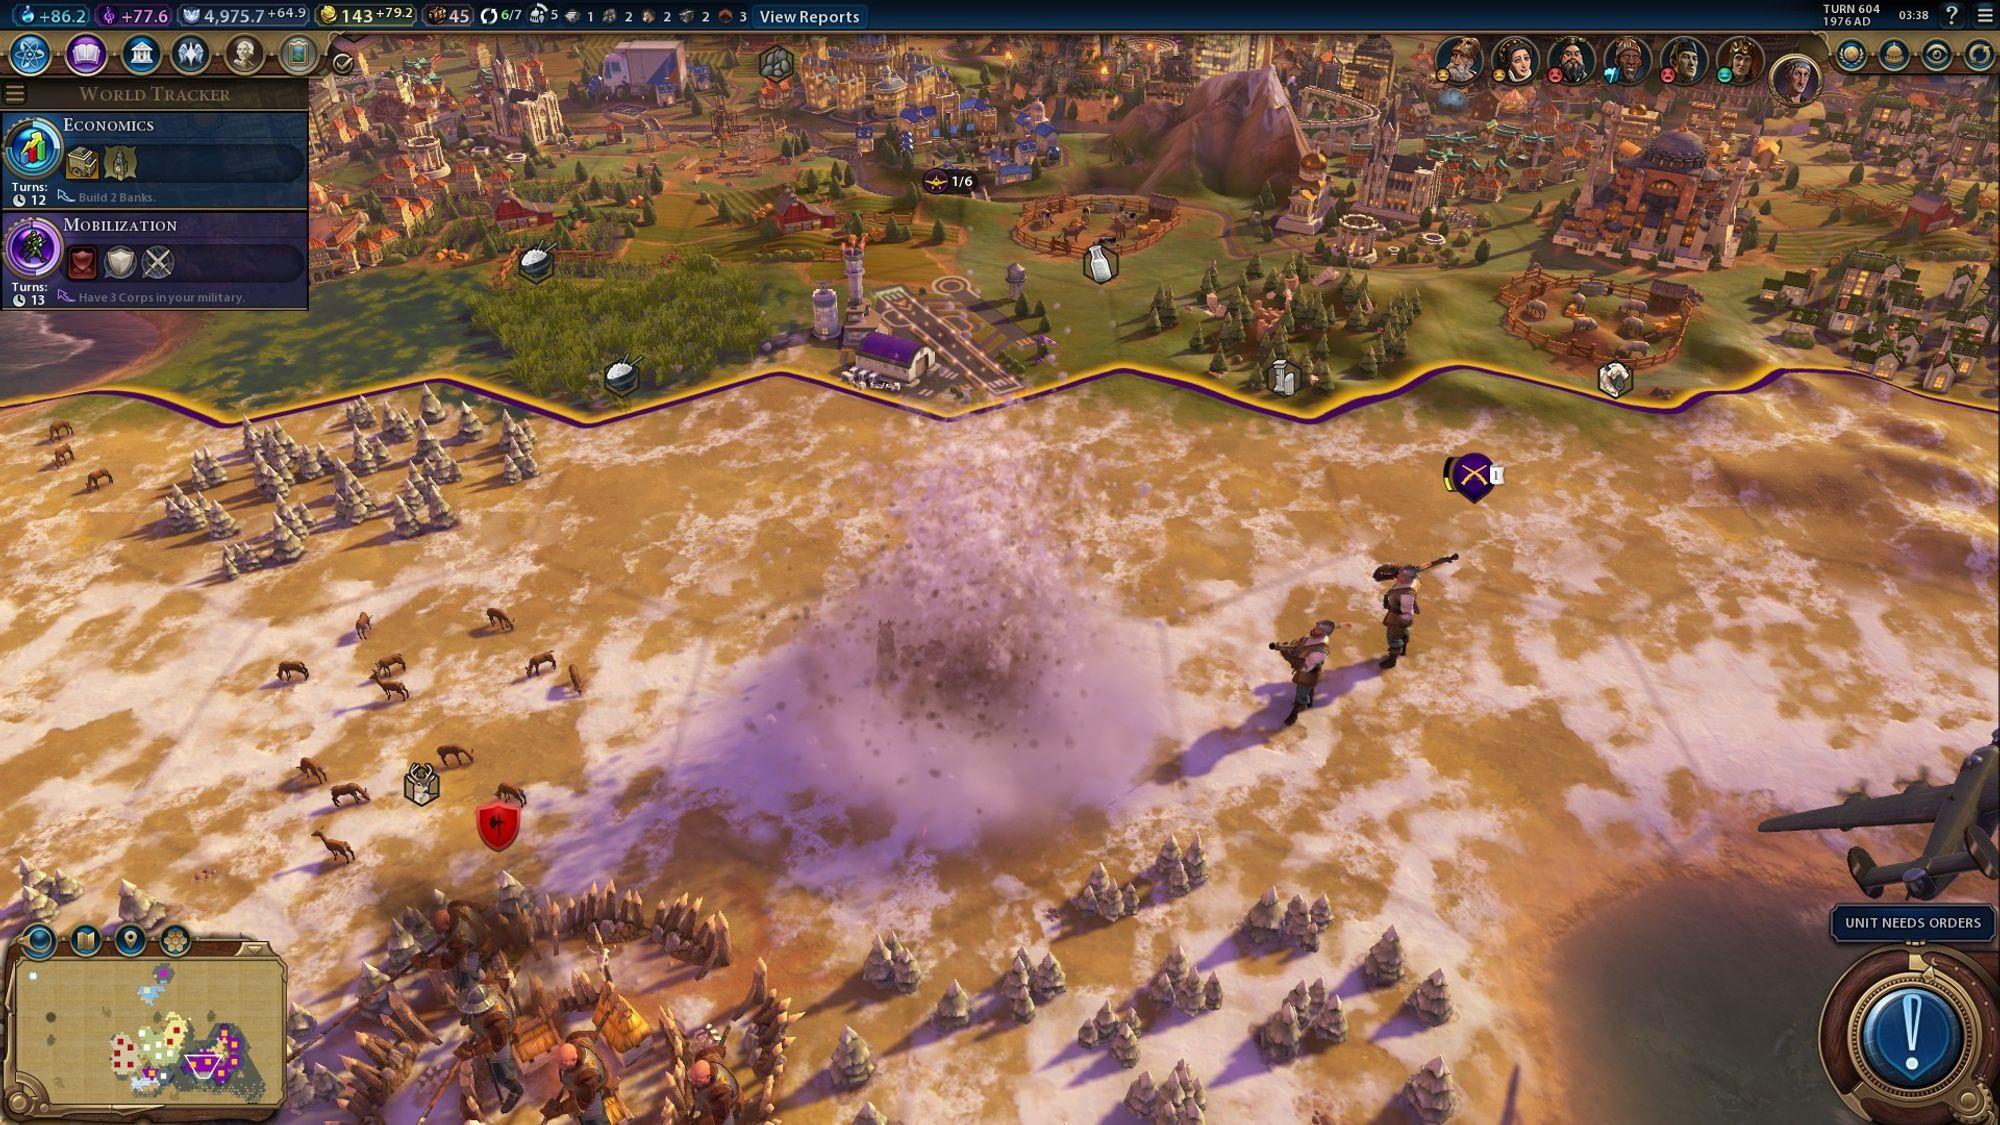 Død over barbarene! ... Selv om bombefly er litt overkill mot en speider med stokk.